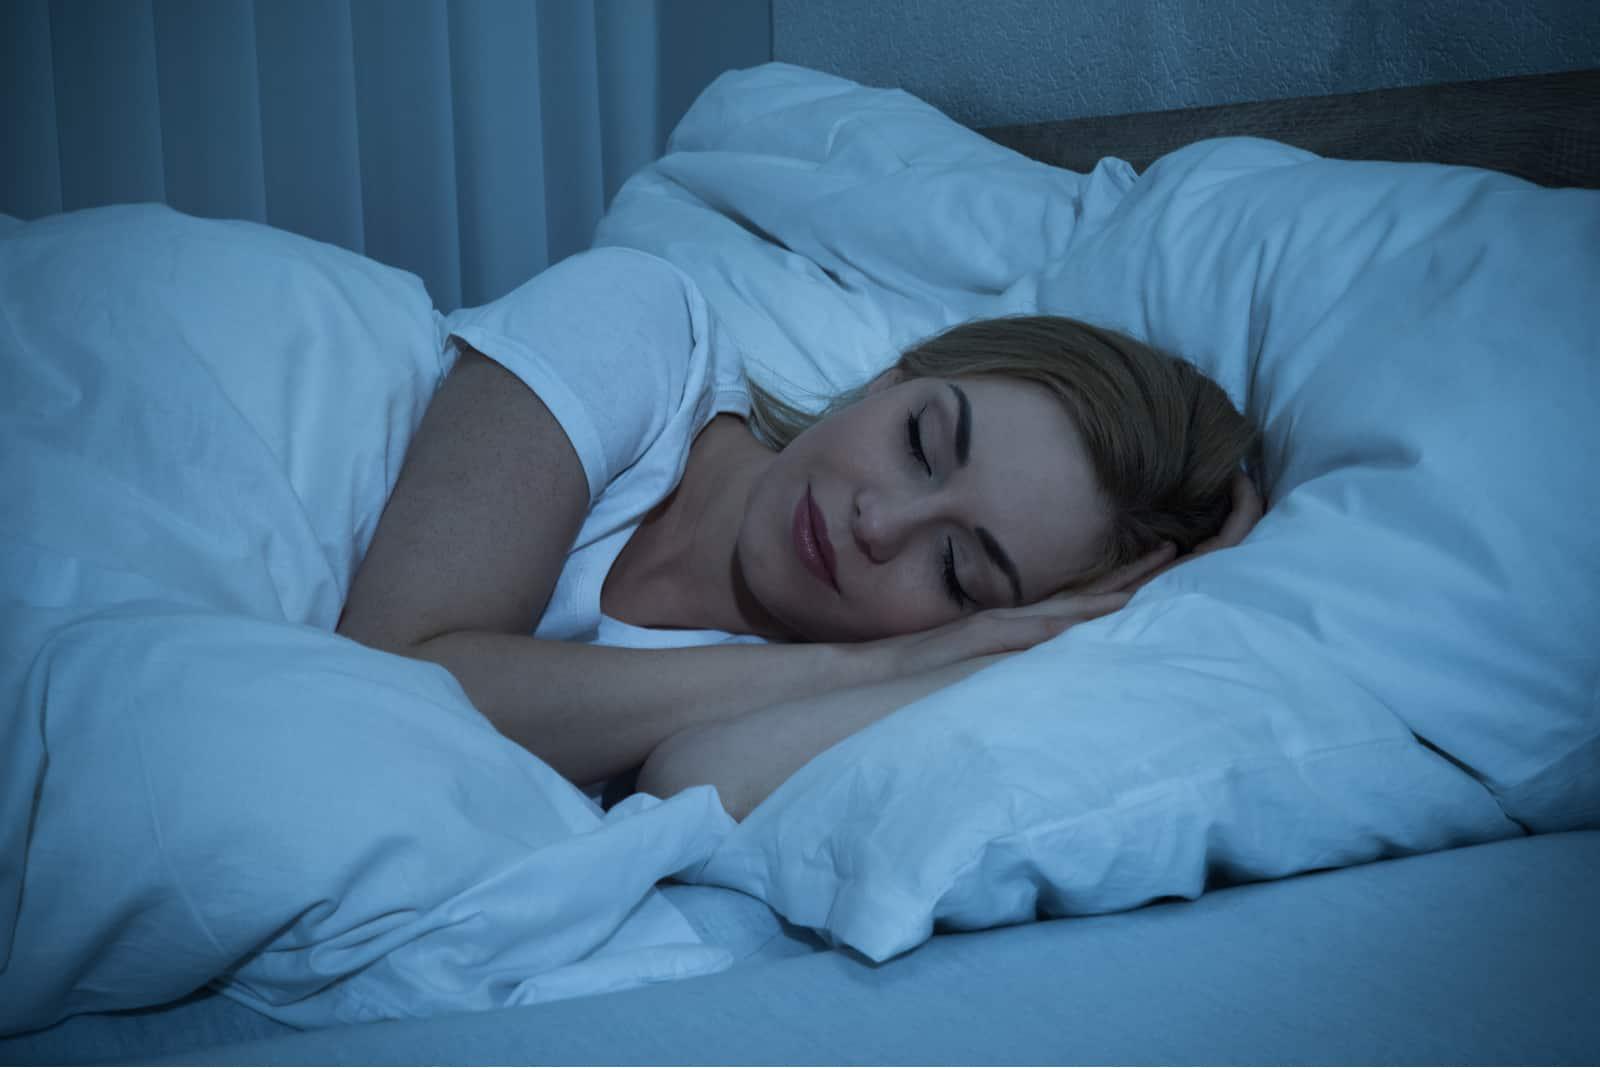 une femme aux longs cheveux blonds dans un sommeil profond